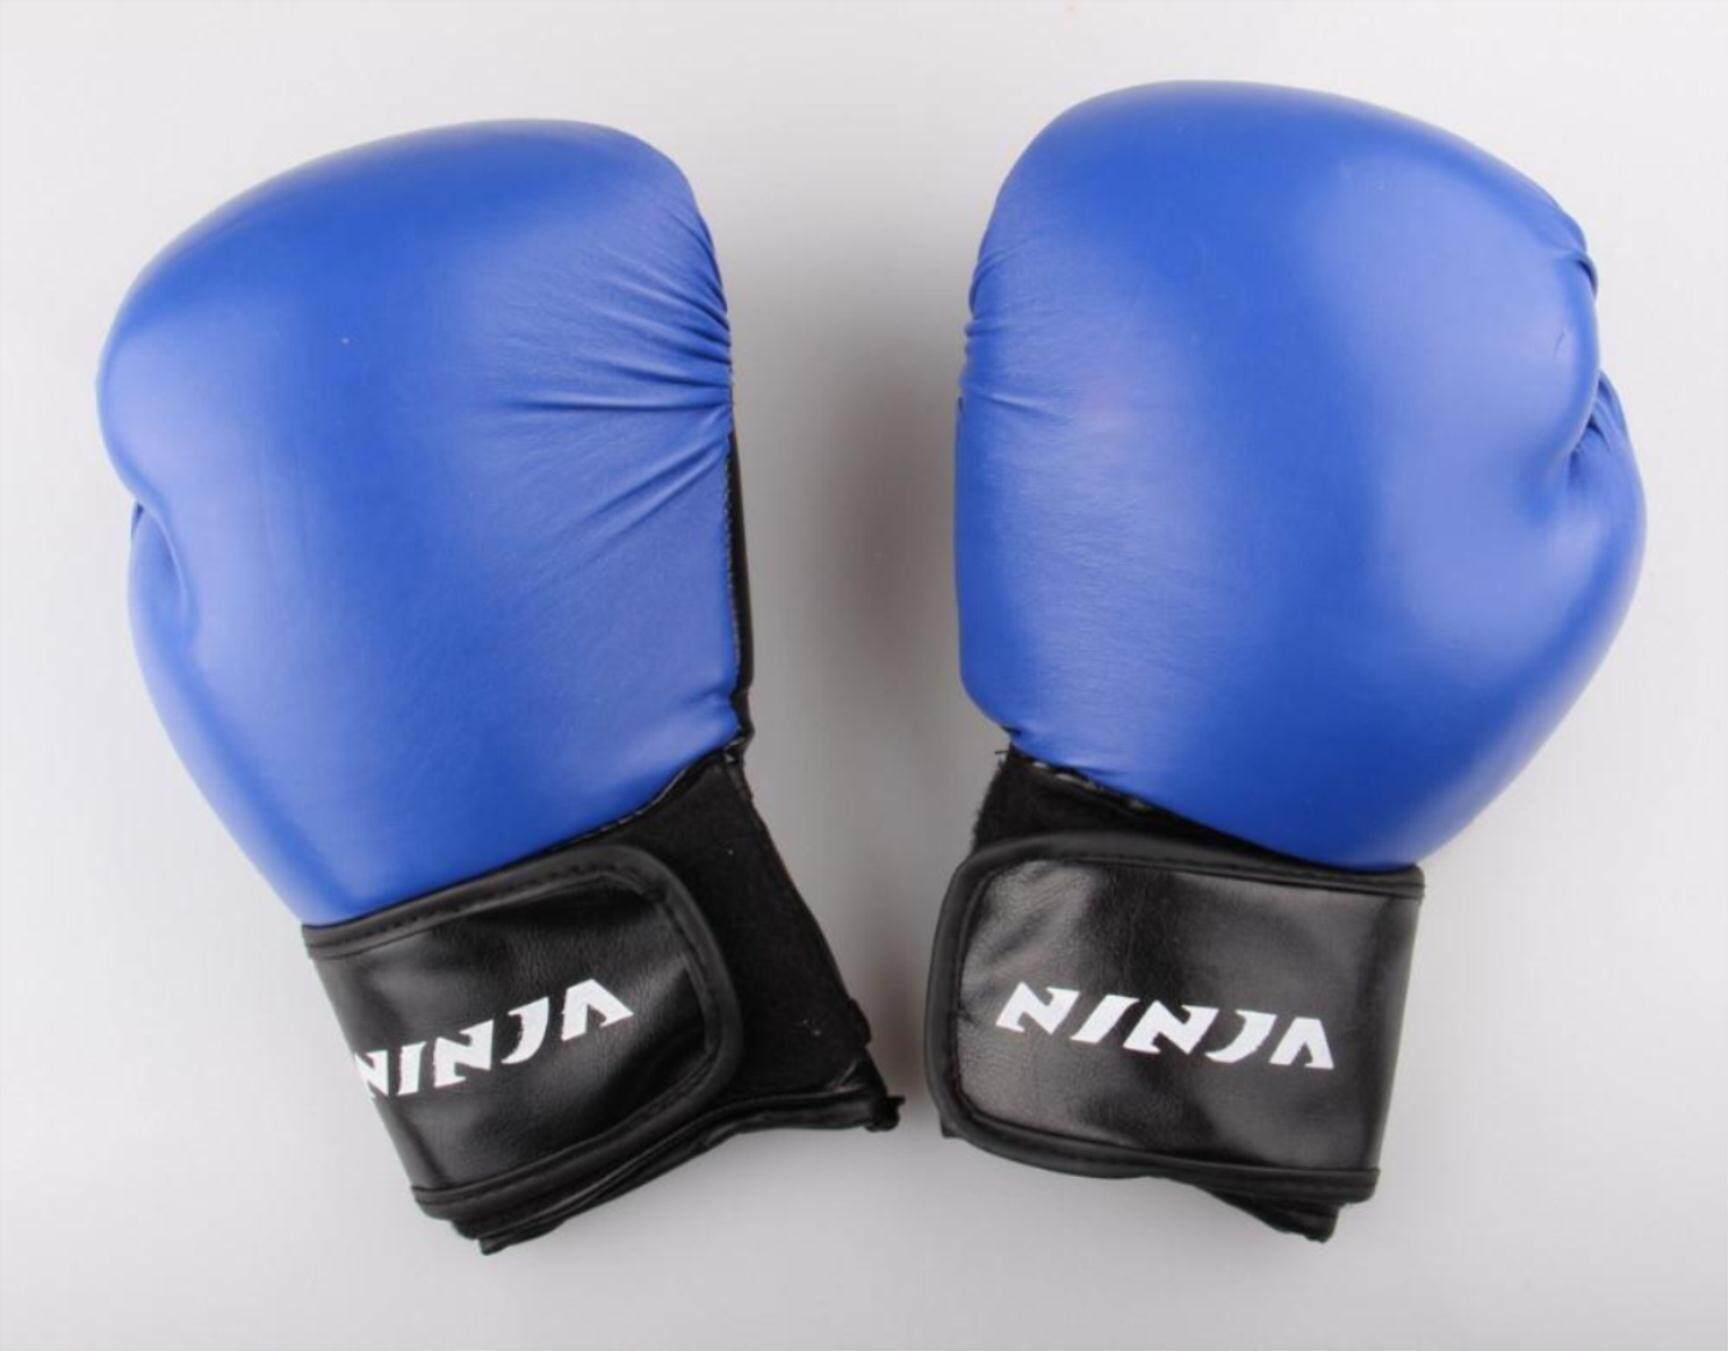 Ekstensi Pergelangan Tangan Kulit Muay Thai Latihan Meninju Tas Setengah Mitt Sarung Tinju Gulat 6306